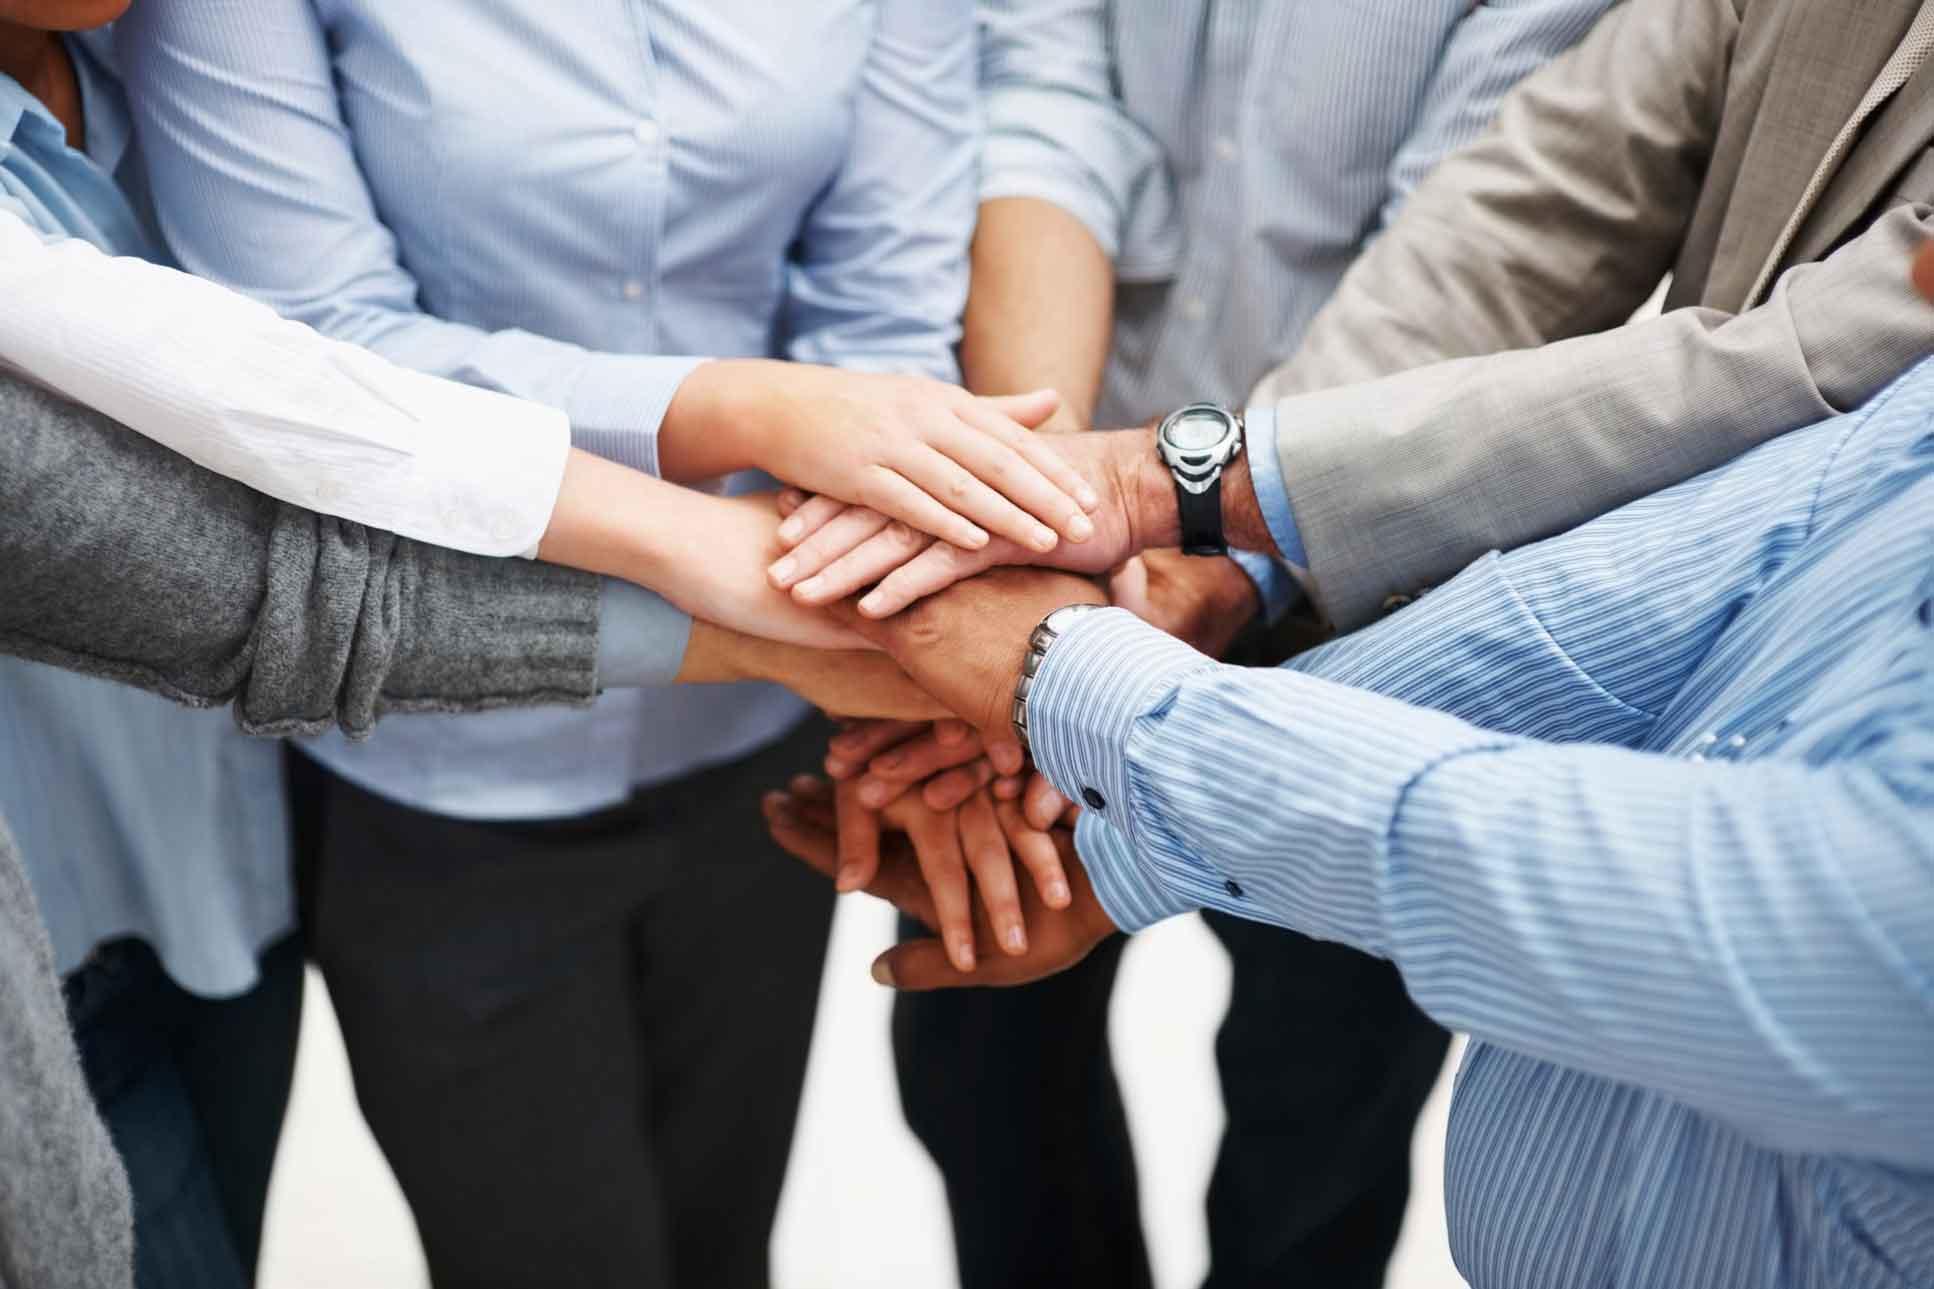 Οι 3 τύποι ομάδων και ποια να επιλέξεις για την επιχείρησή σου